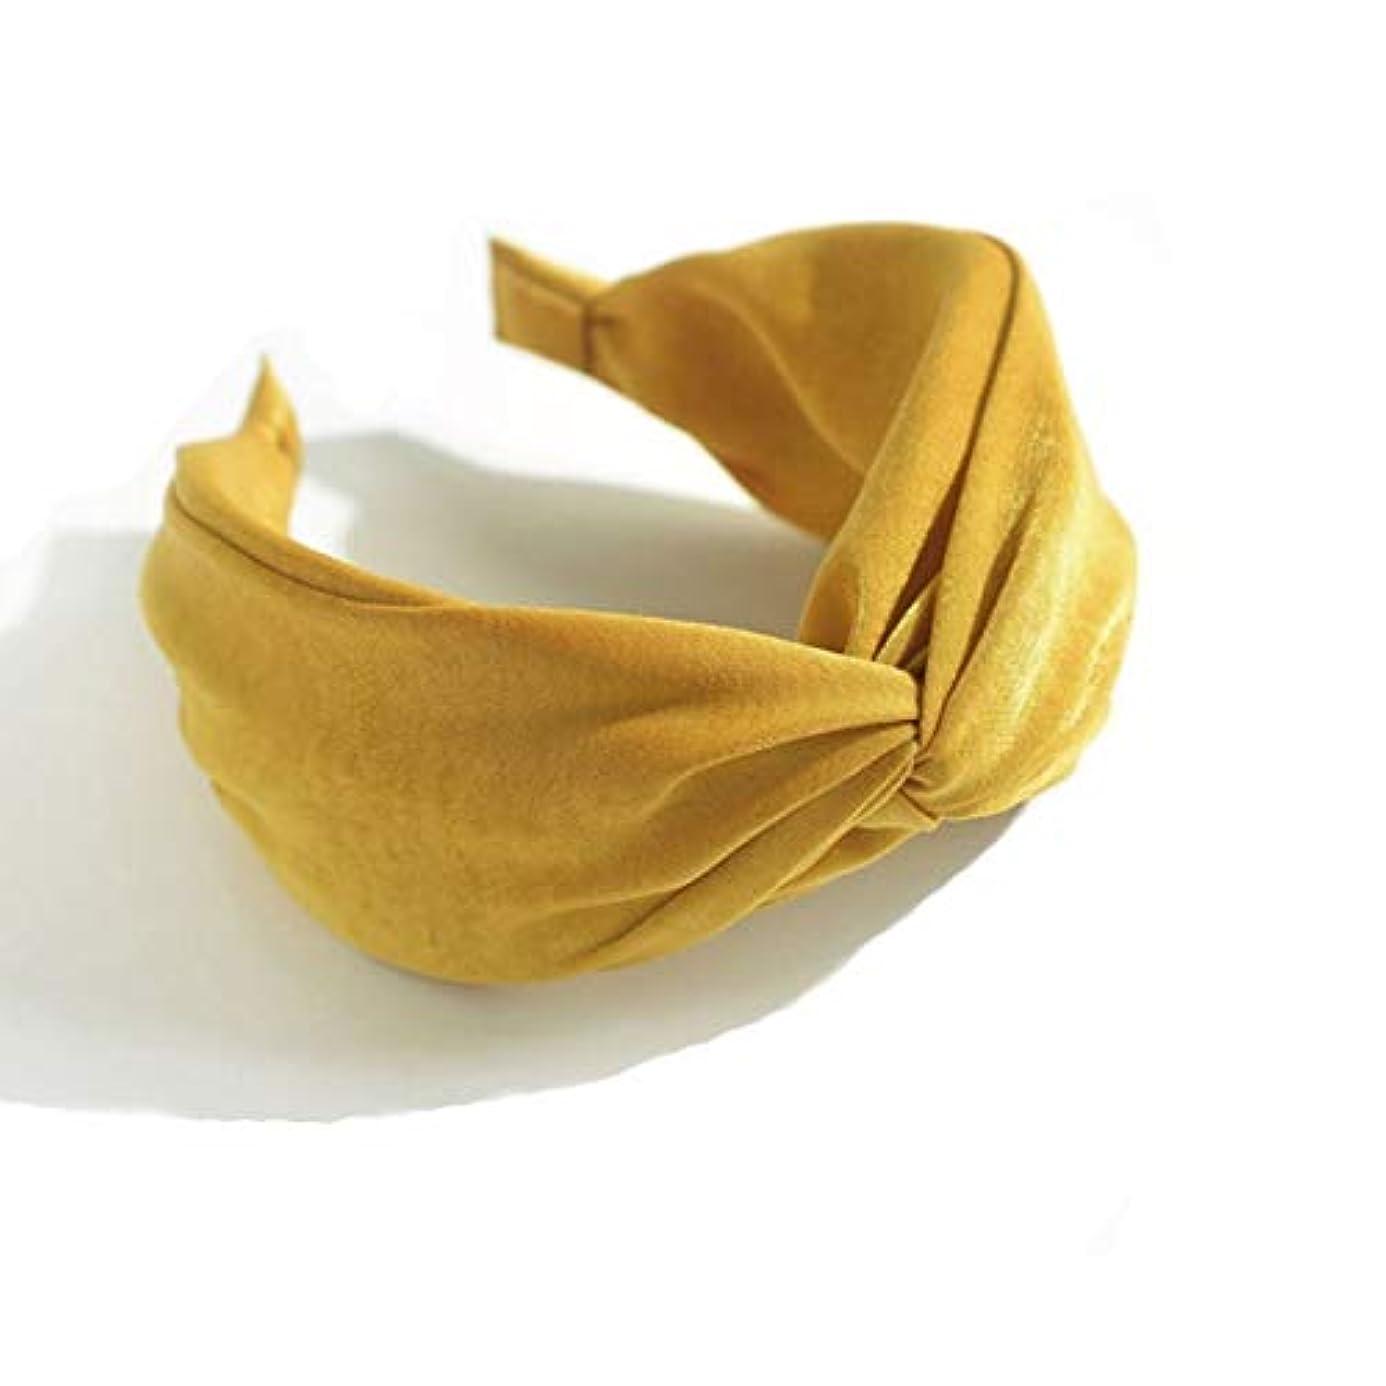 幸運放映マットヘアクリップ、ヘアピン、ヘアグリップ、ヘアグリップ、ヘッドバンドヘッドバンドファブリッククロスワイドヘッドバンドレディレディーワイルドヘアピンヘッドバンド (Color : Yellow)